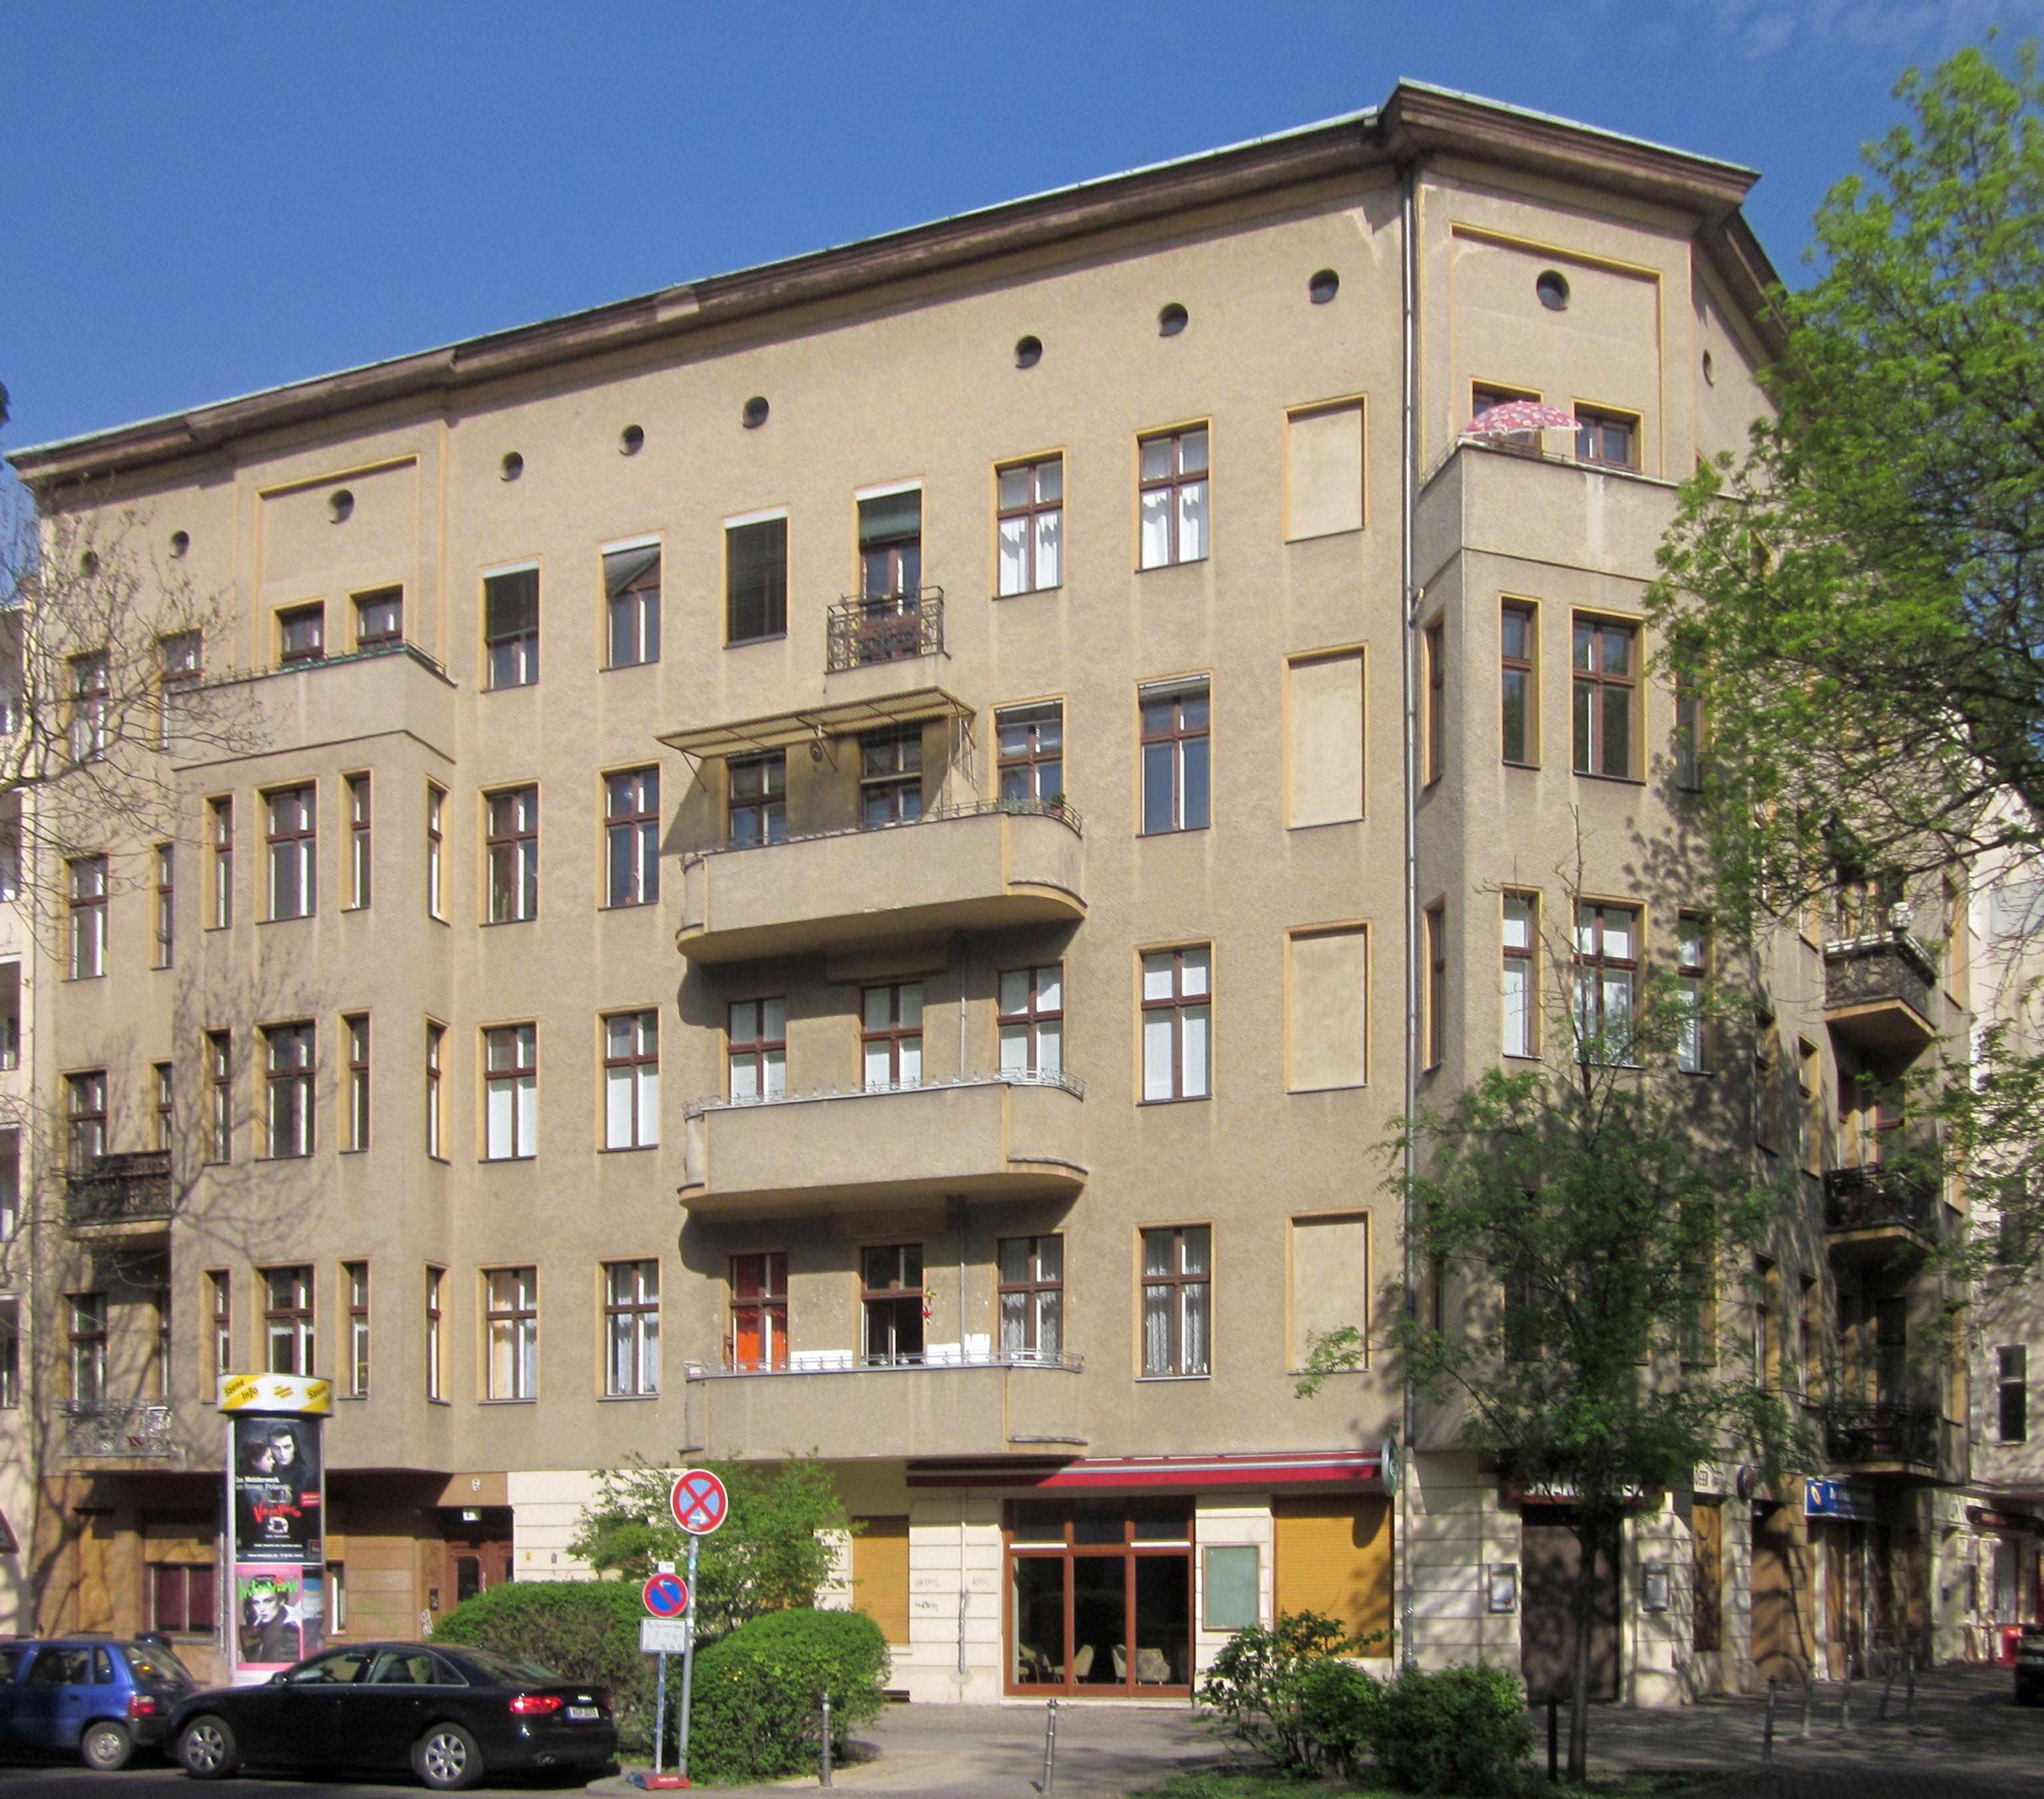 file berlin kreuzberg urbanstrasse 29a. Black Bedroom Furniture Sets. Home Design Ideas